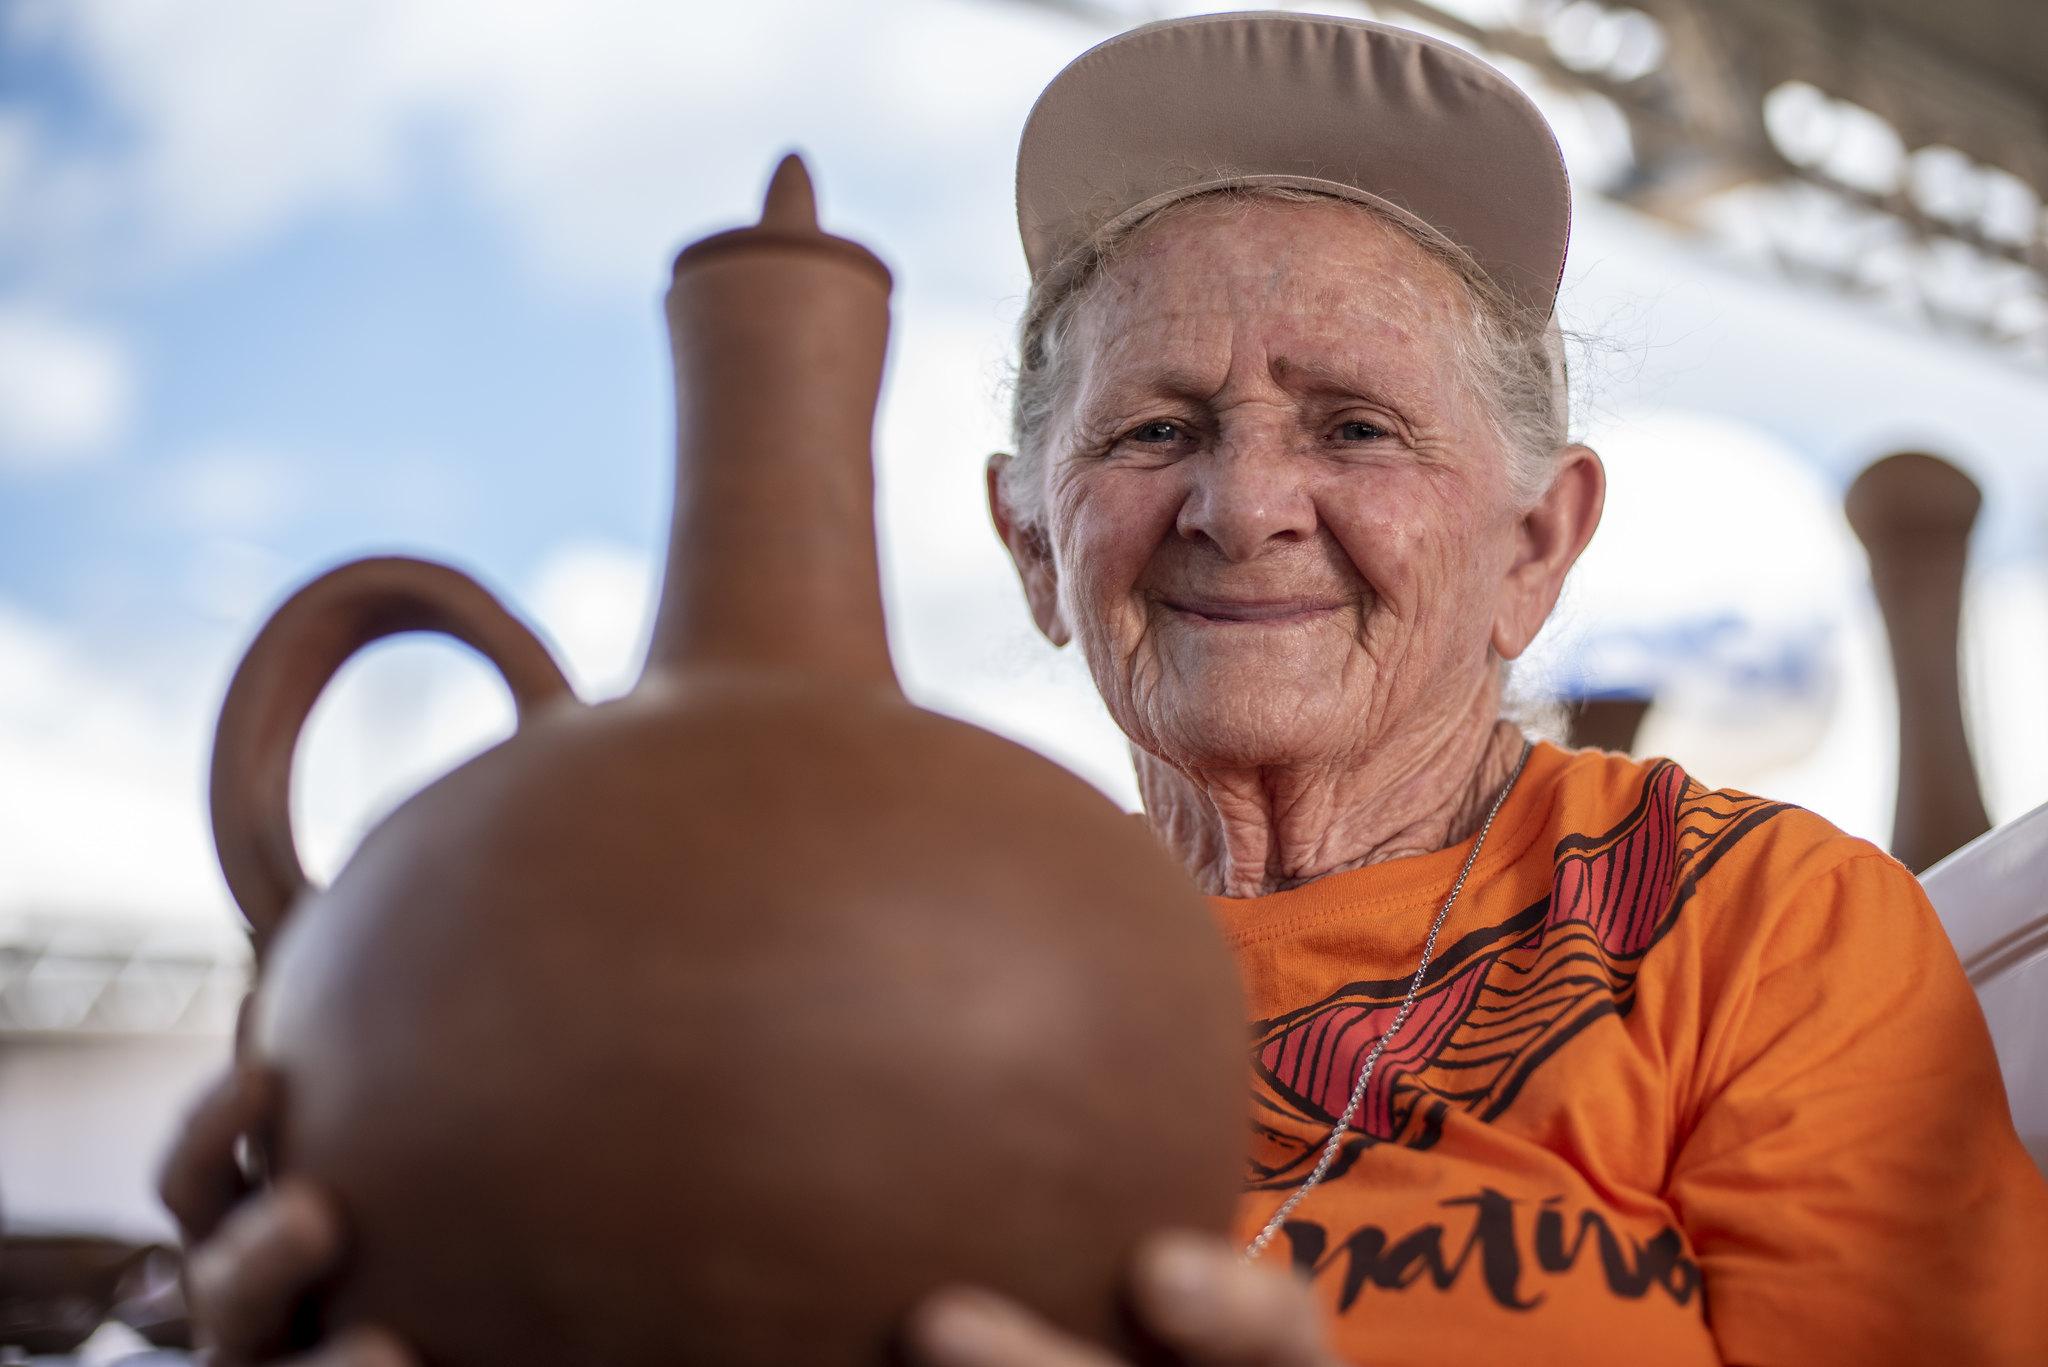 Loiceiros e loiceiras do Ceará apresentam artesanato em barro no Encontro Herança Nativa